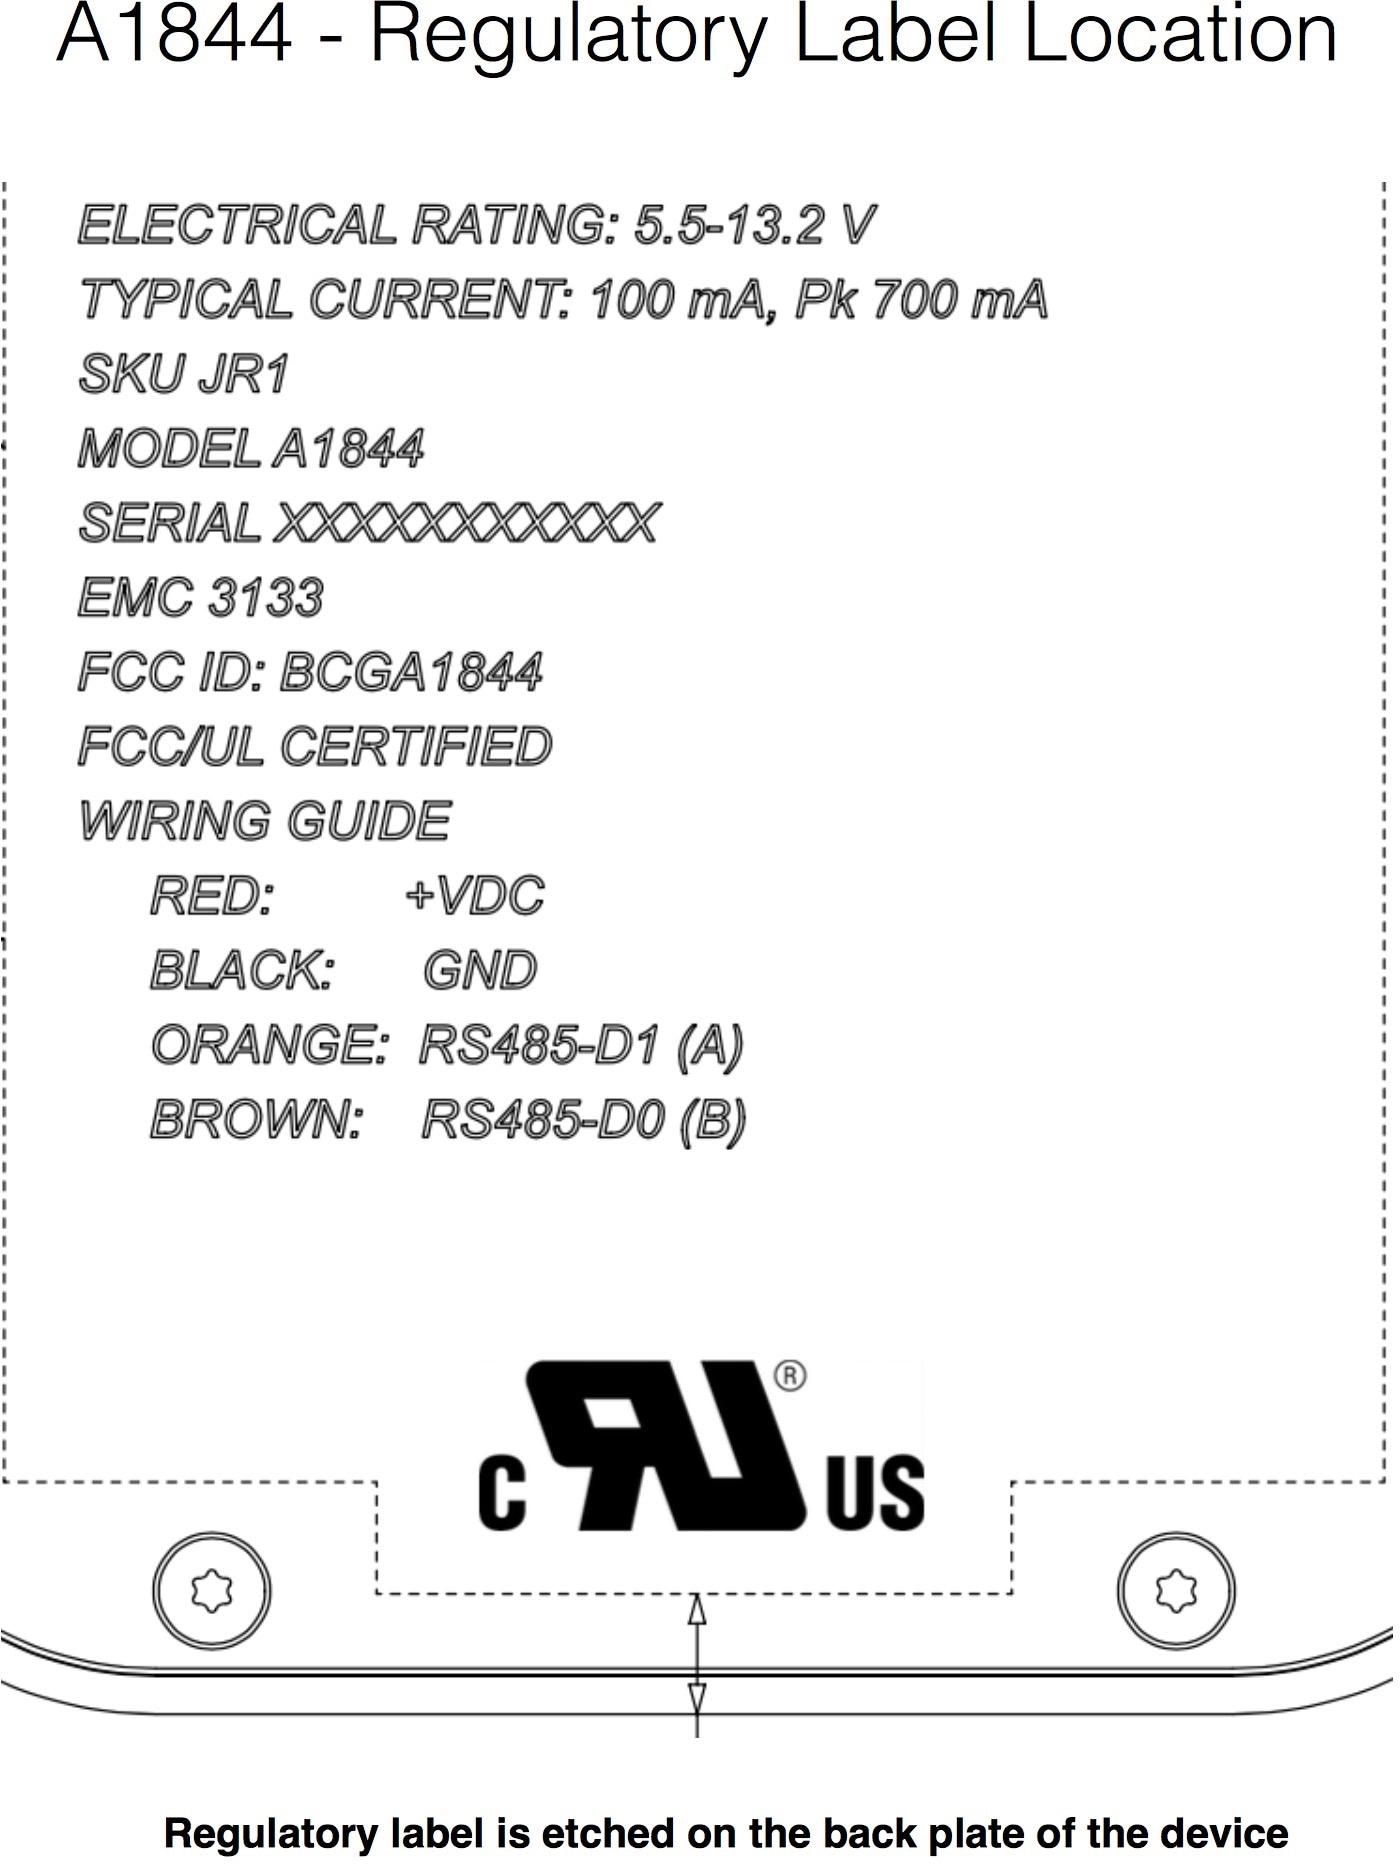 Documento do dispositivo A1844, testado pela FCC